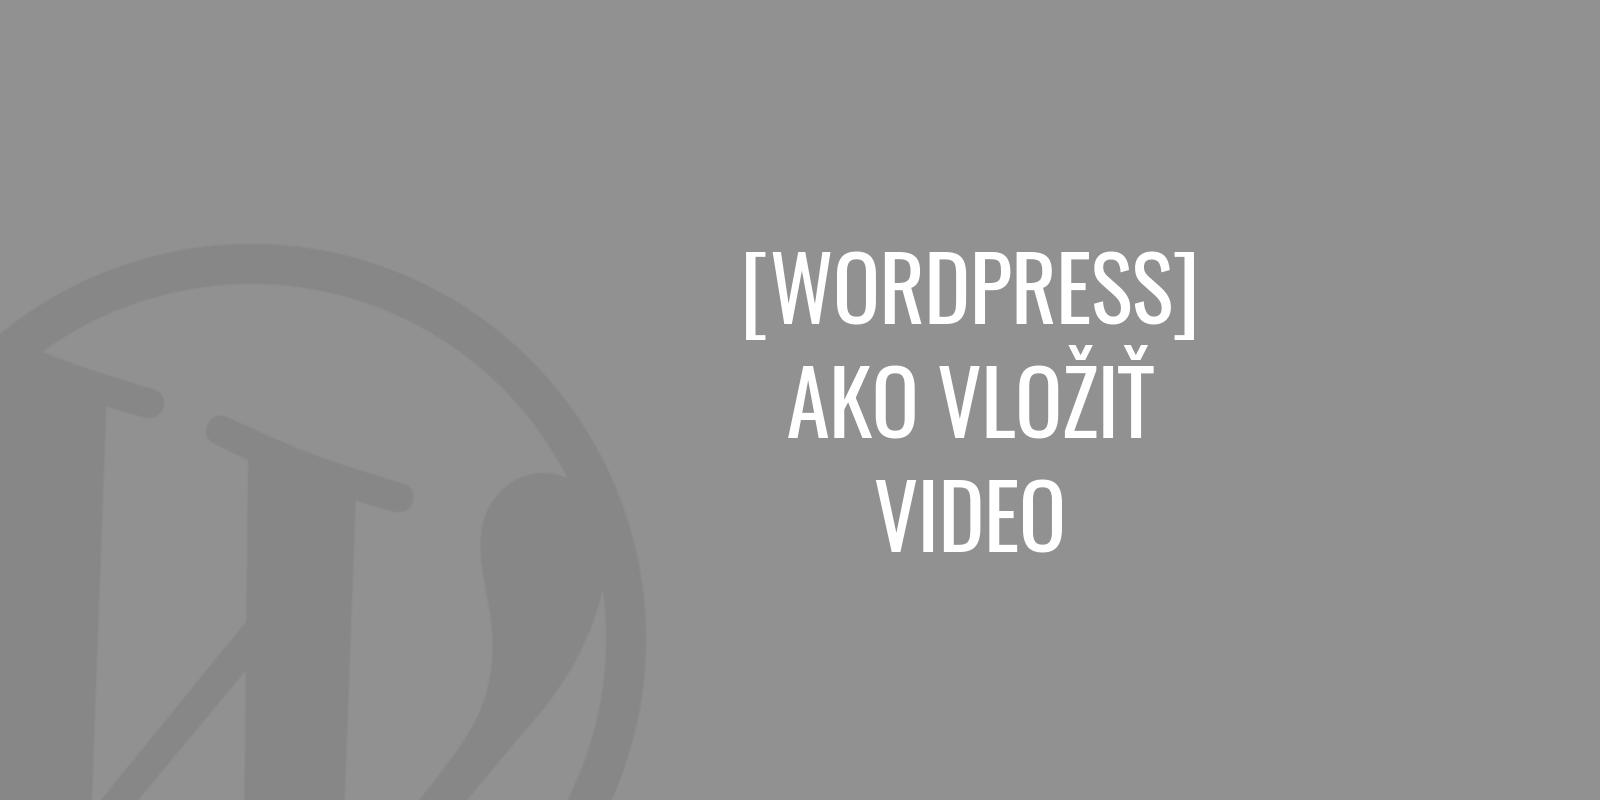 Ako vložiť video vo WordPress